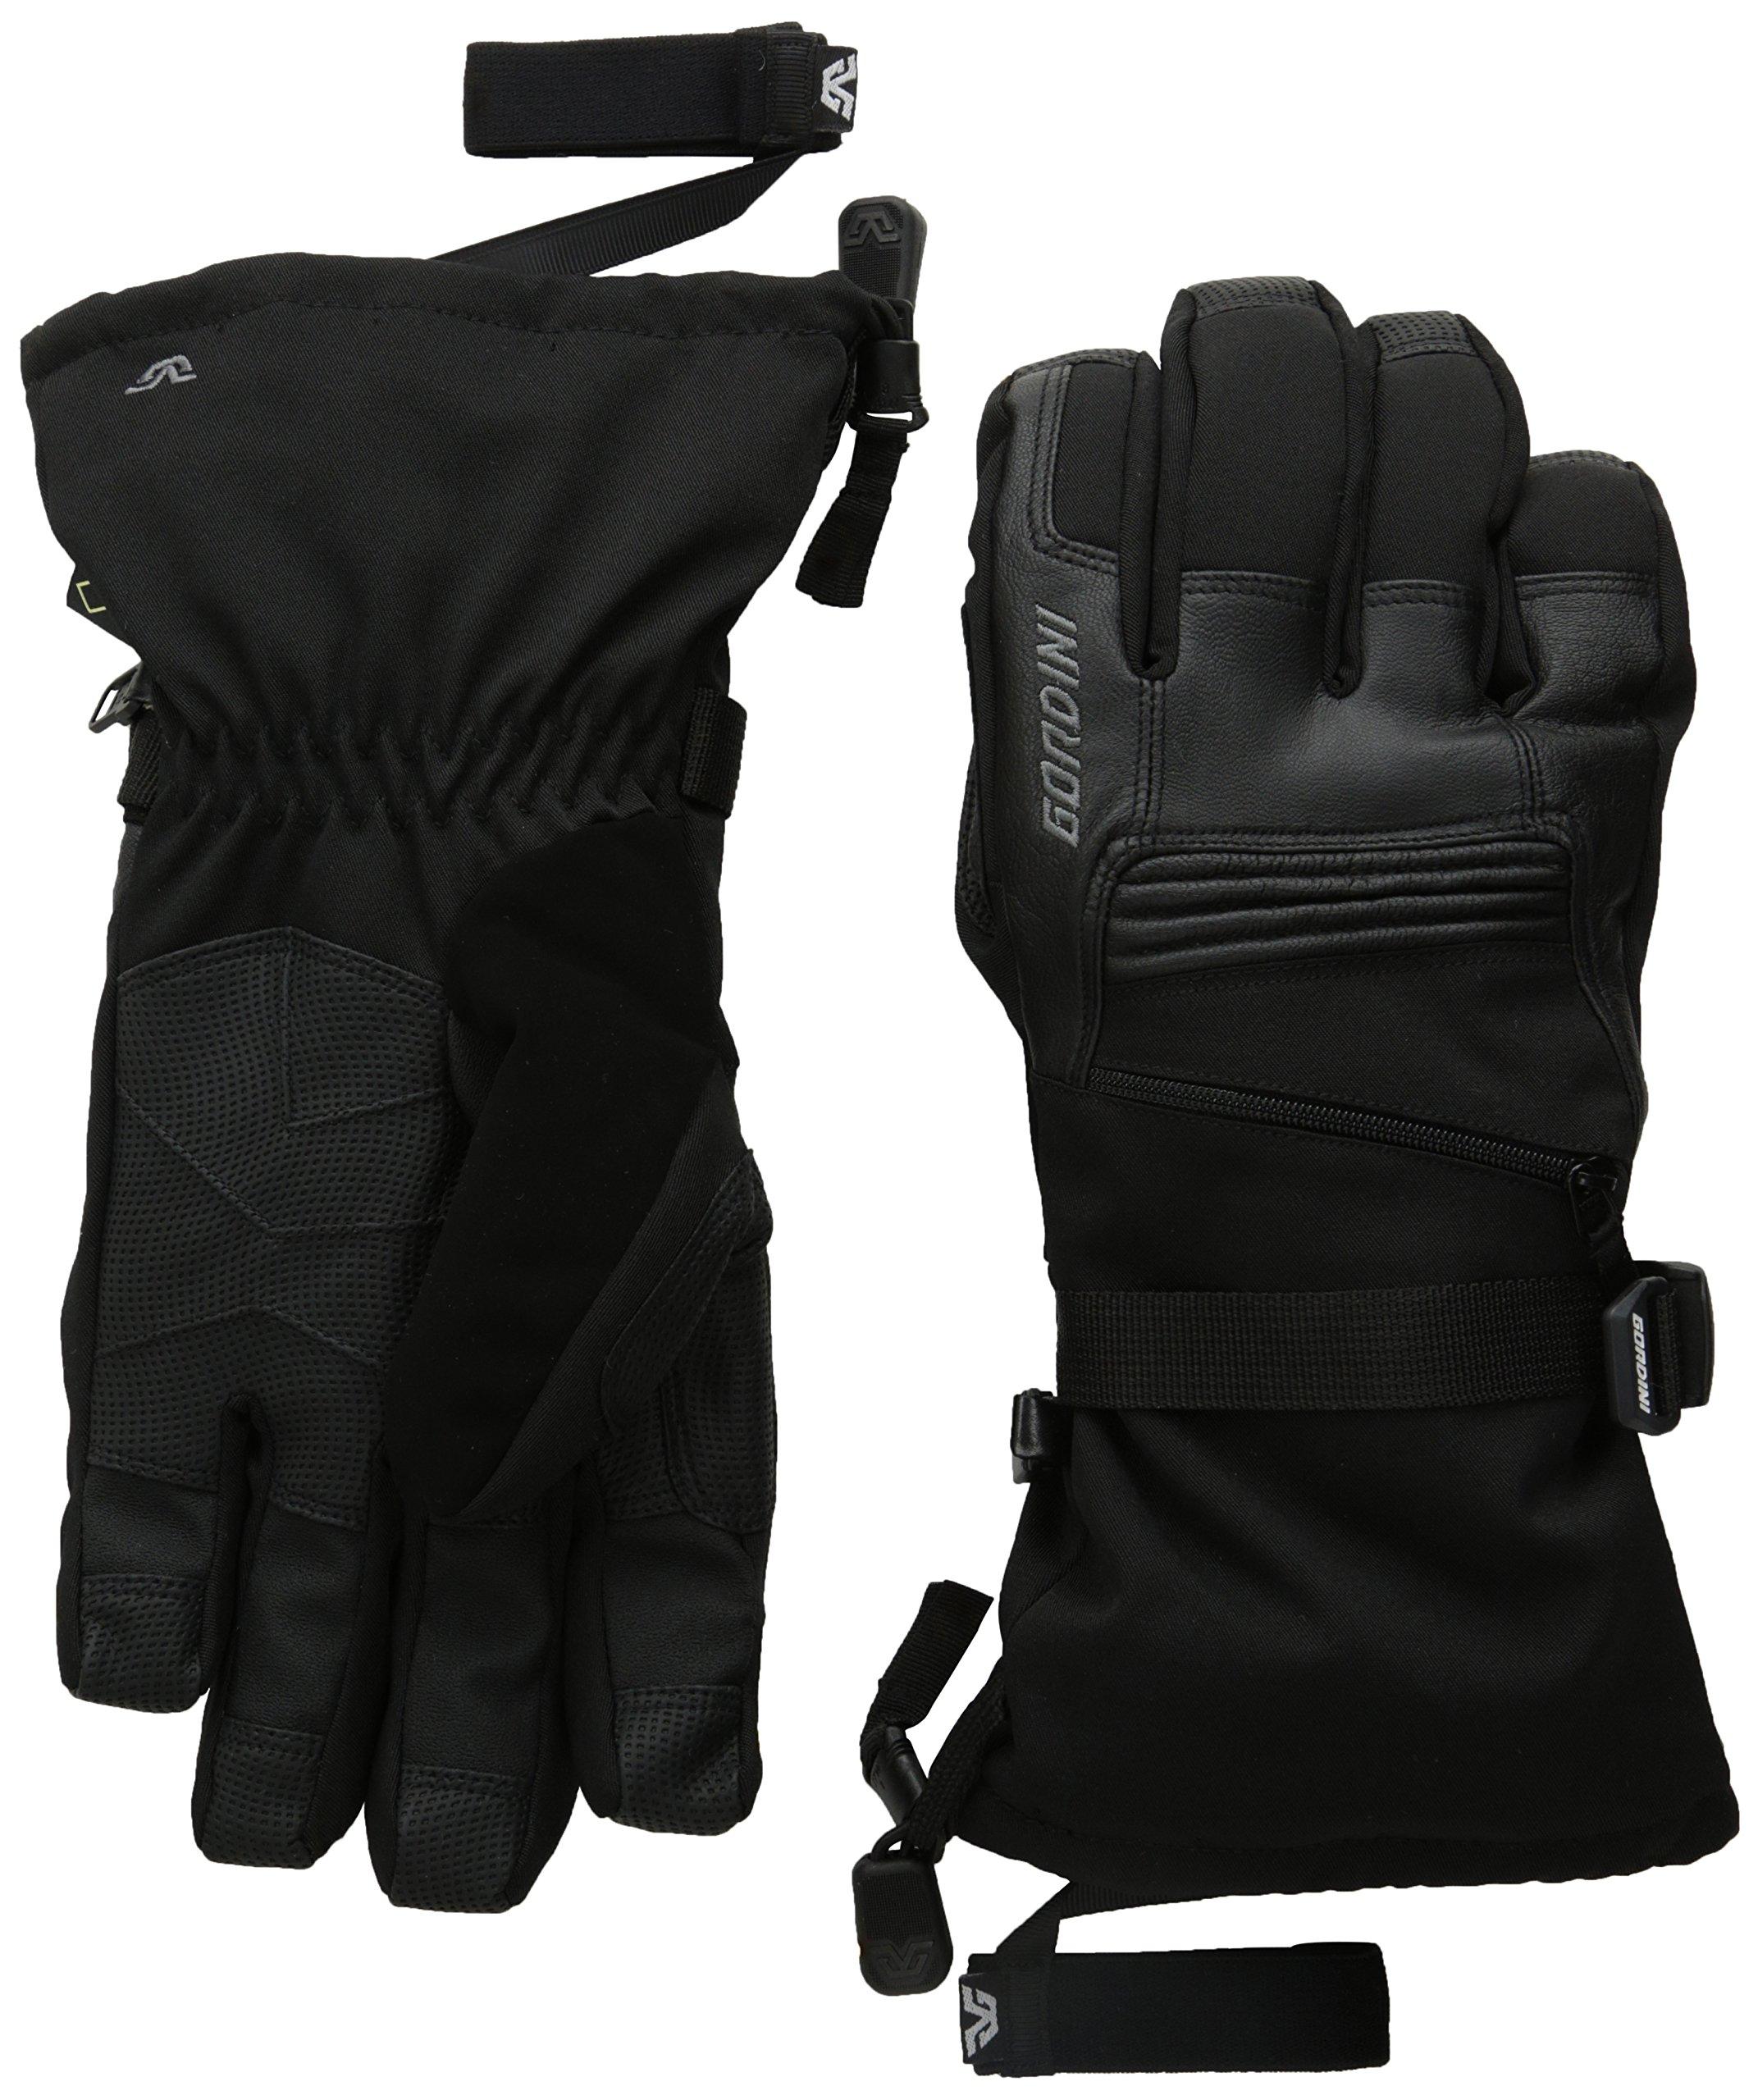 Gordini Men's Men's Gore-tex Storm Trooper Ii Waterproof Insulated Gloves, Black, Medium